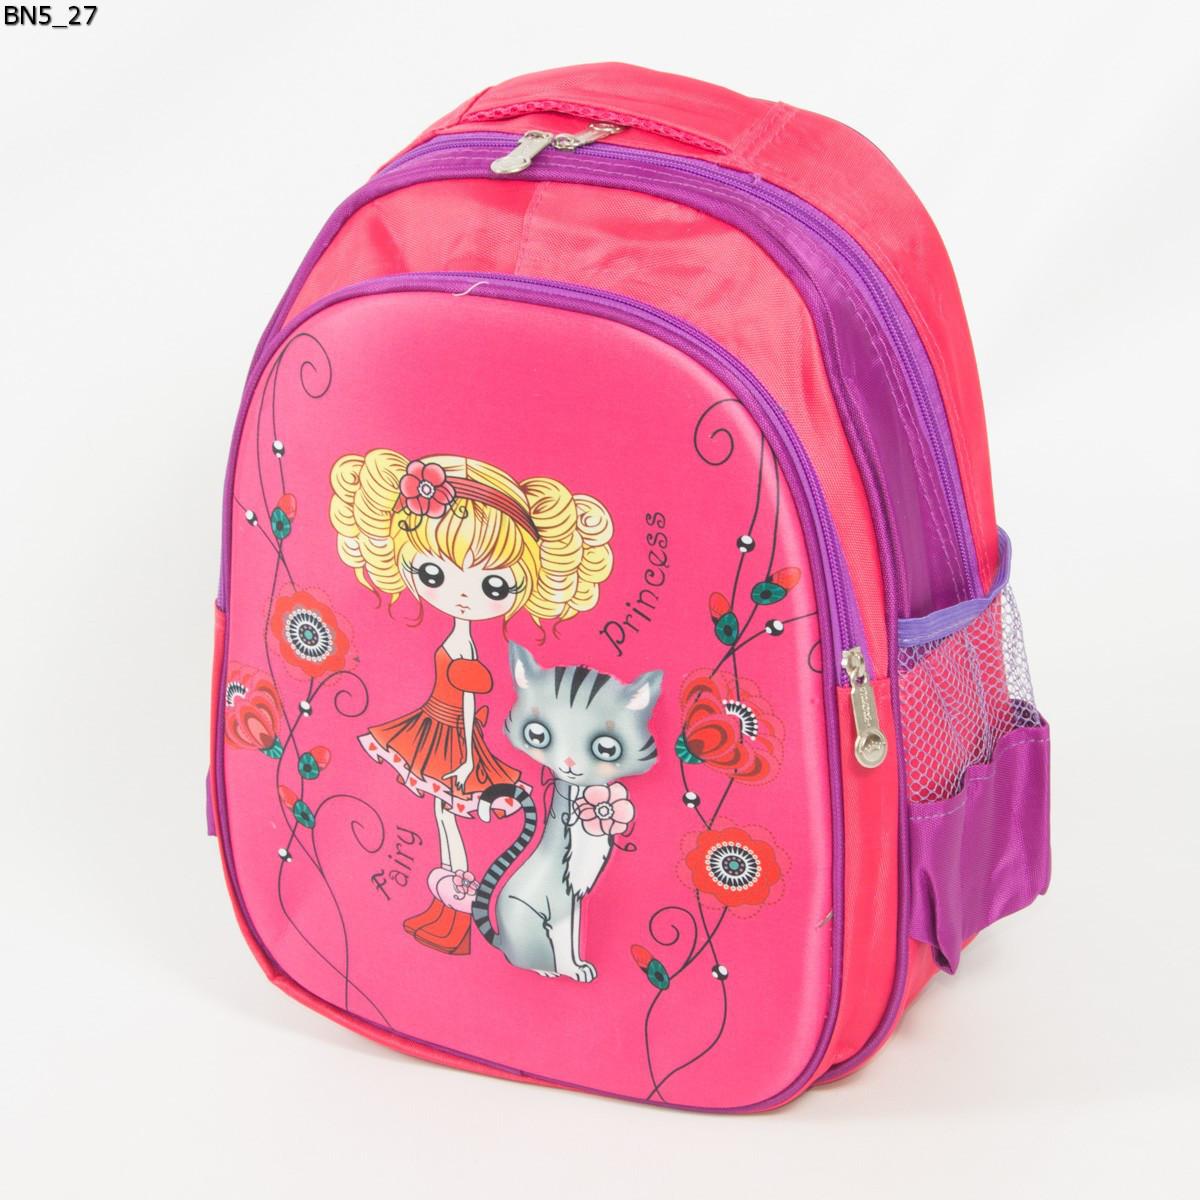 Оптом школьный рюкзак для девочки с 3Д рисунком и жесткой спинкой - розовый - BN5